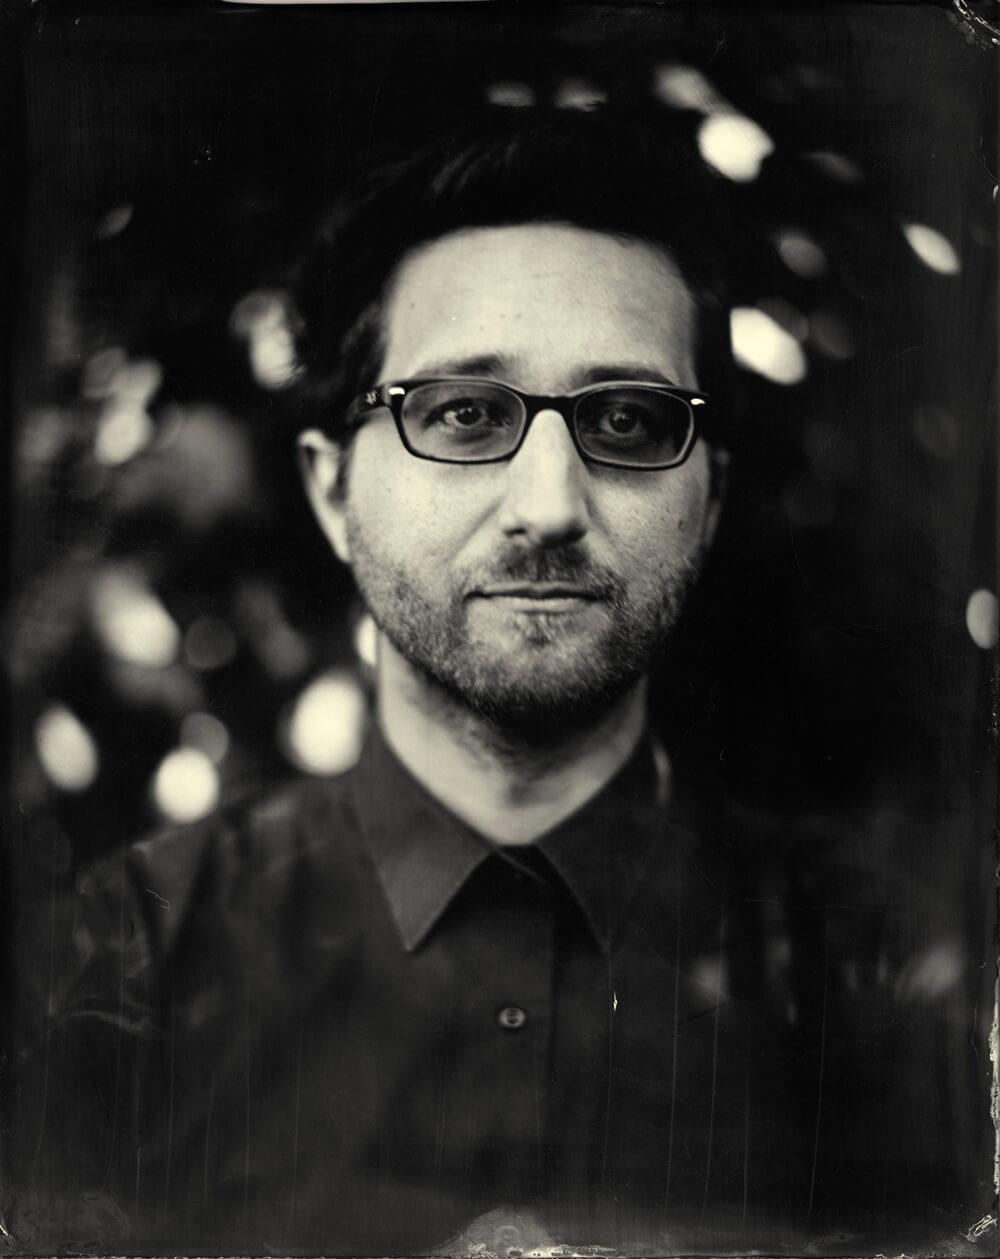 Portrait photographique de Josselin Tourette lézards création agence communication publicité vosges